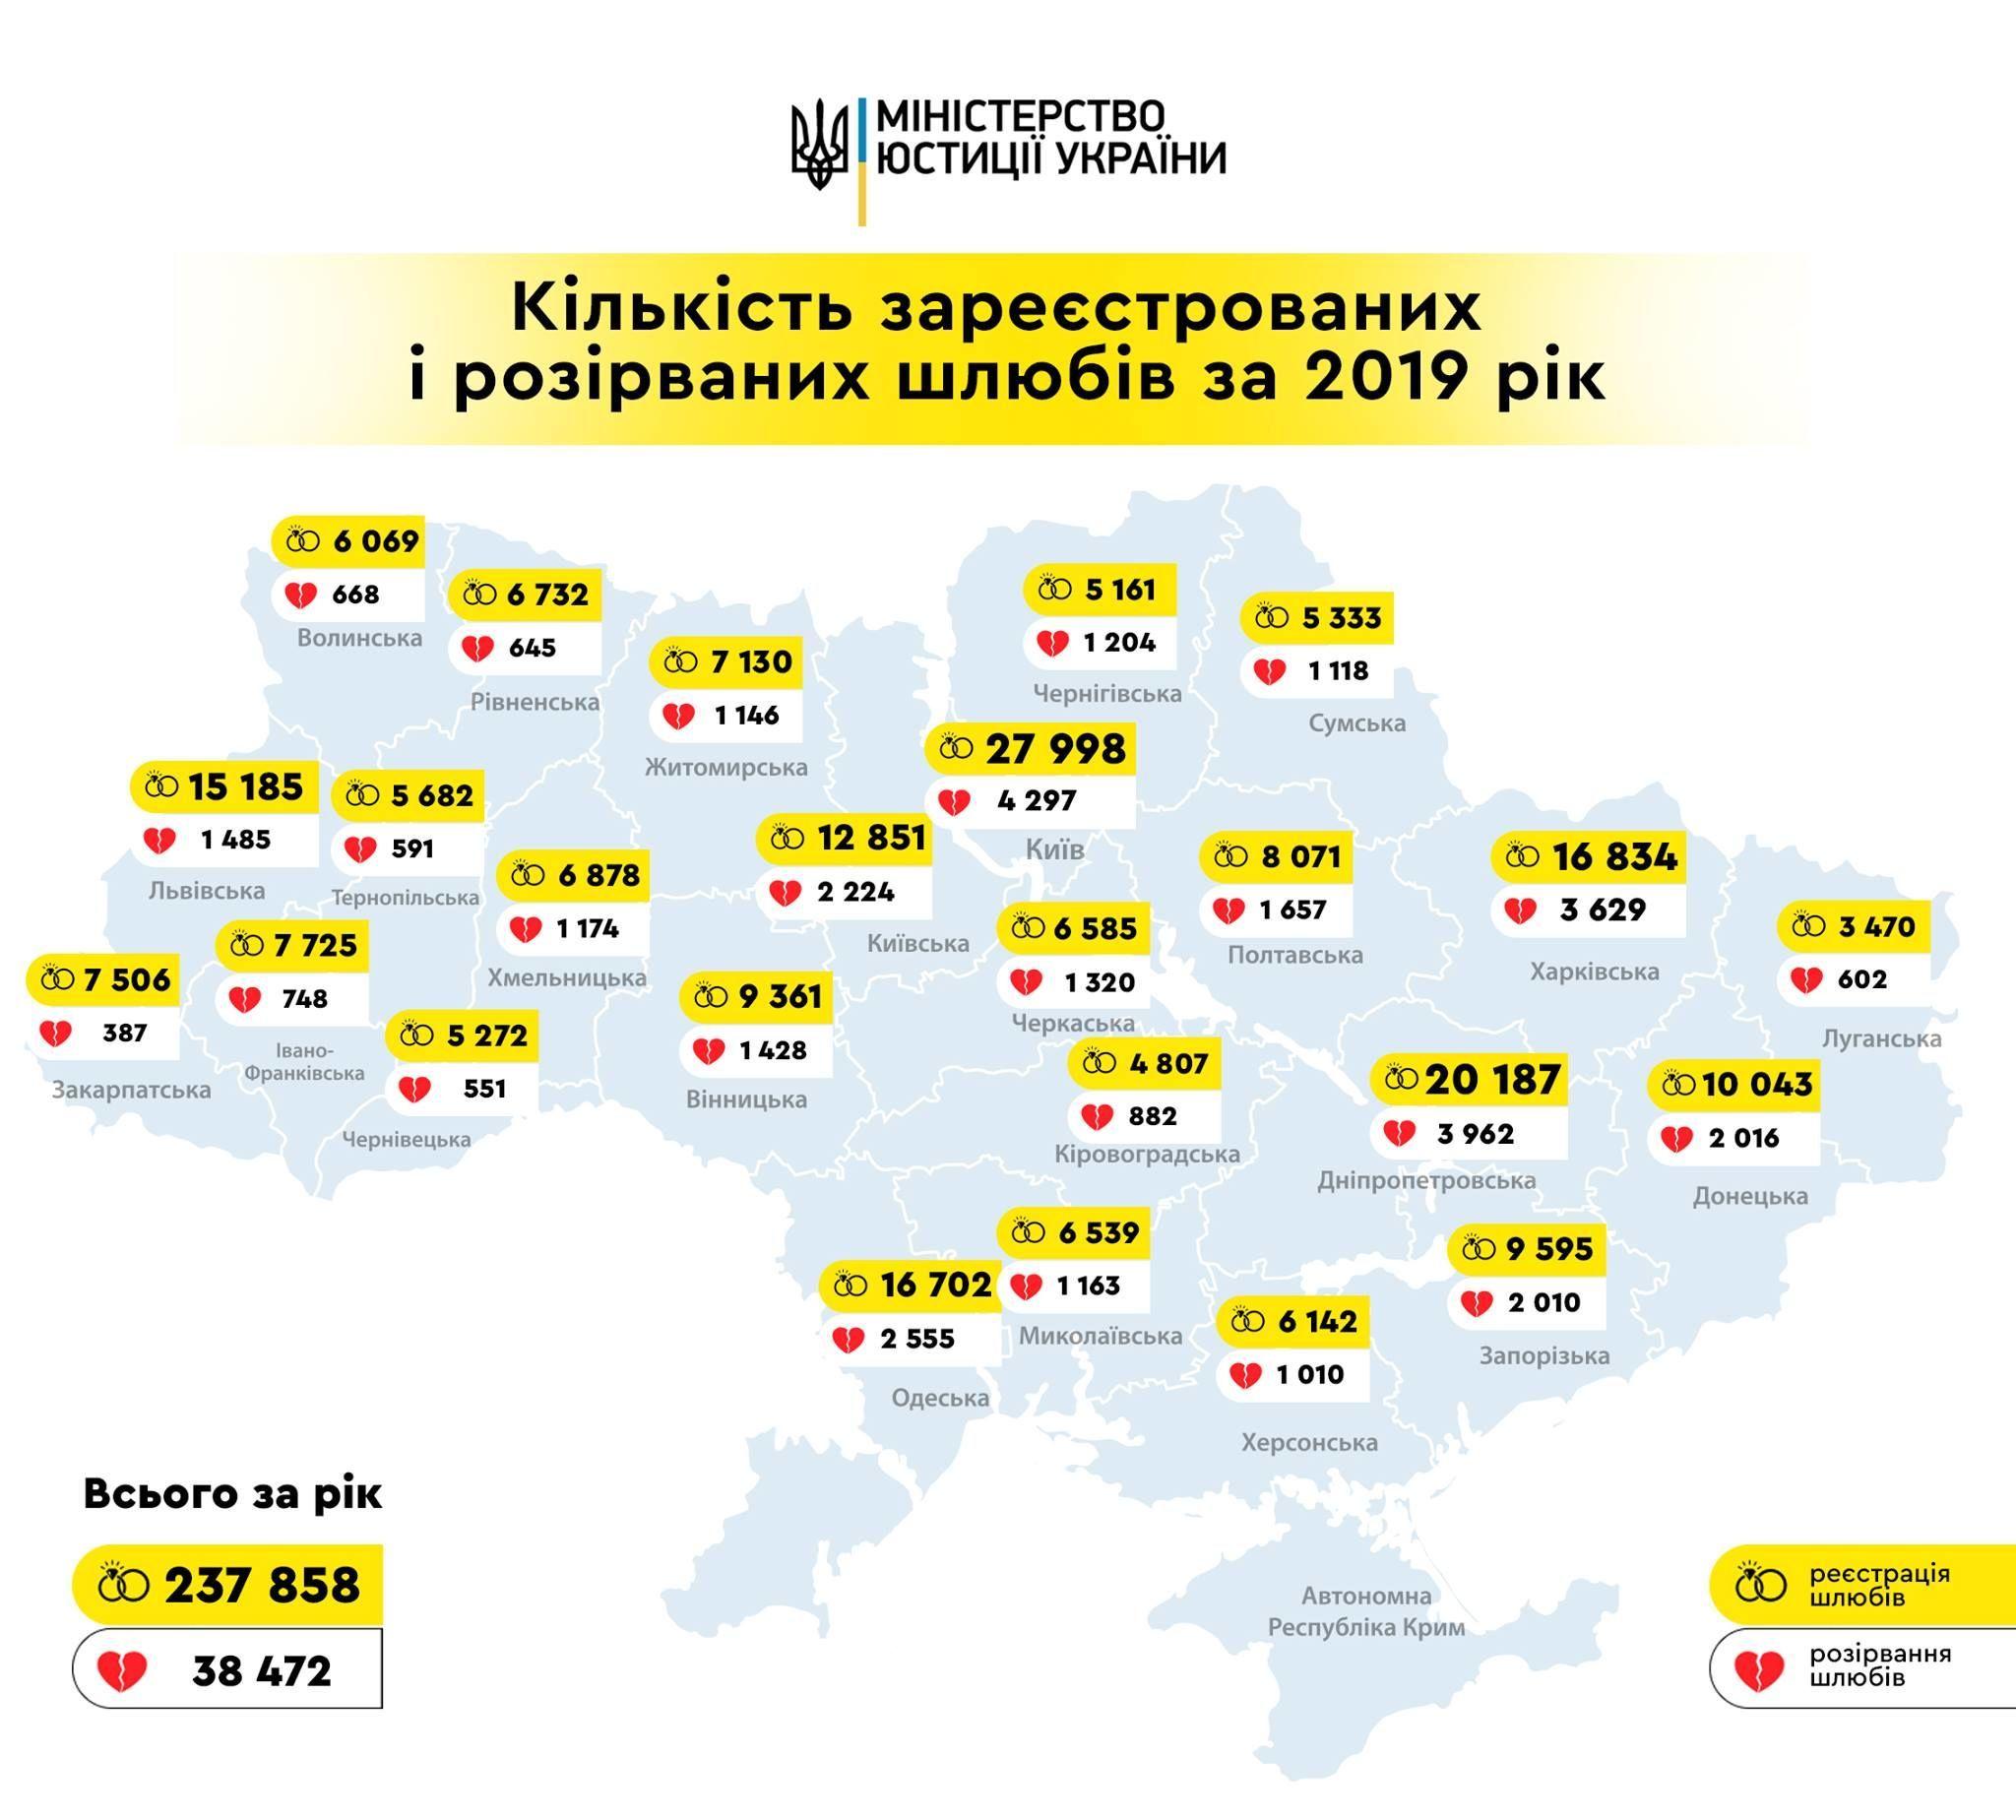 Шлюби і розлучення в Україні - статистика та інфографіка за 2019 рік